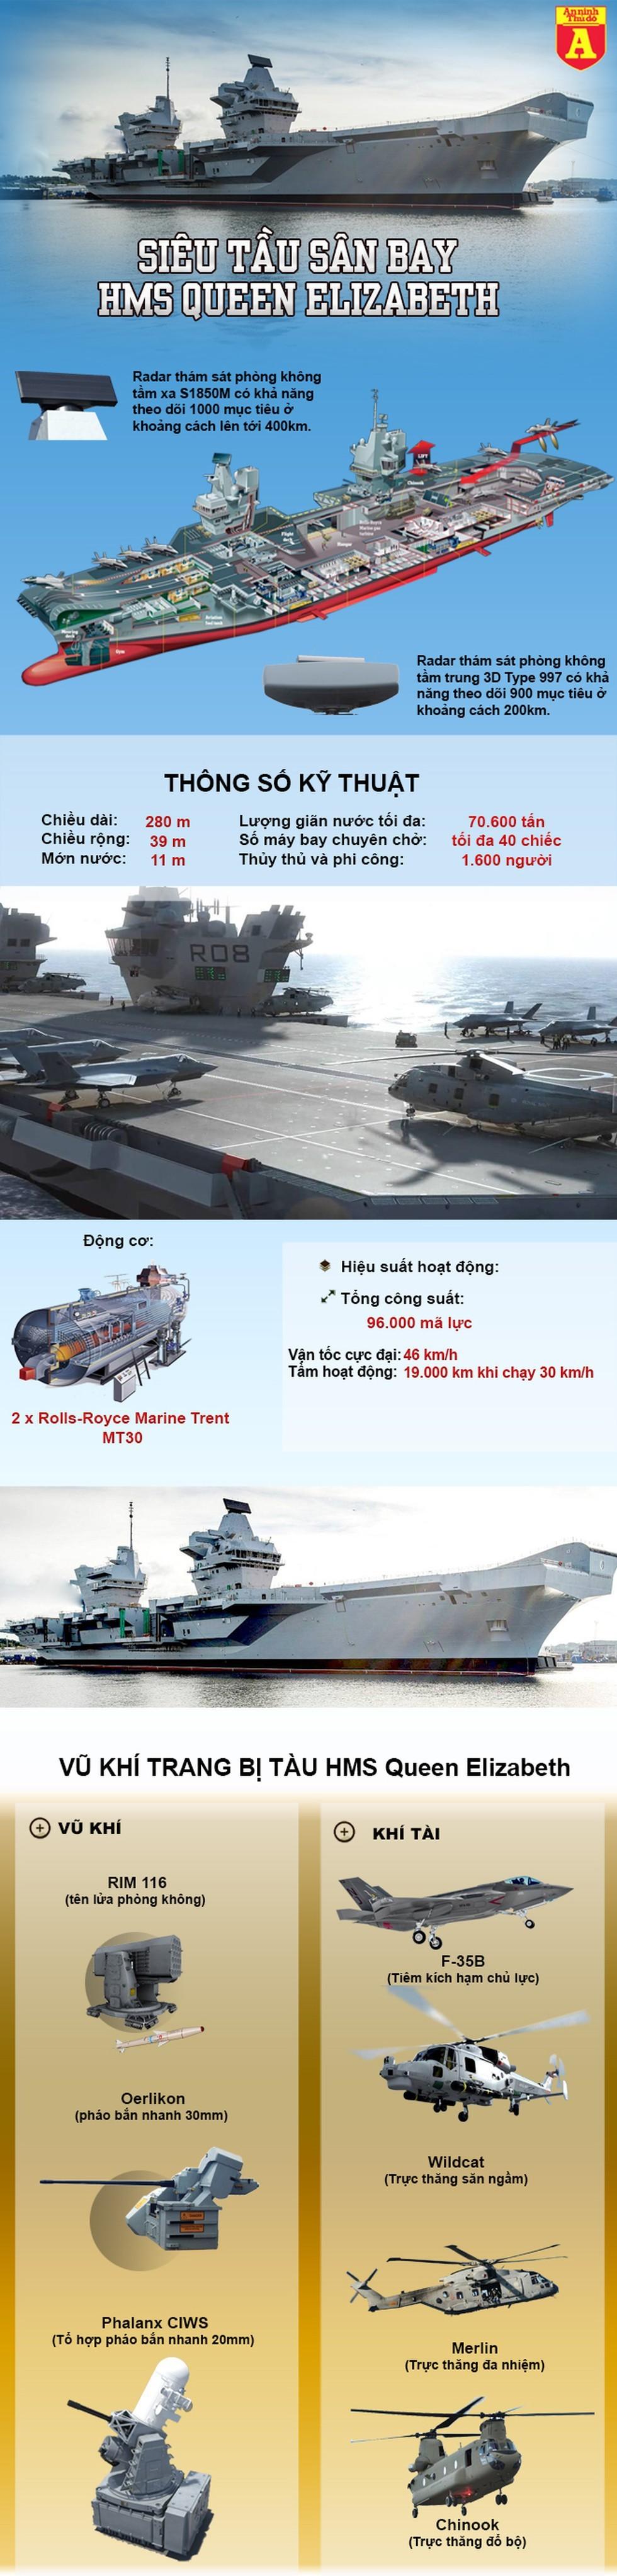 [Info] Anh định điều tàu sân bay mang chiến đấu cơ F-35B tới Biển Đông ảnh 2